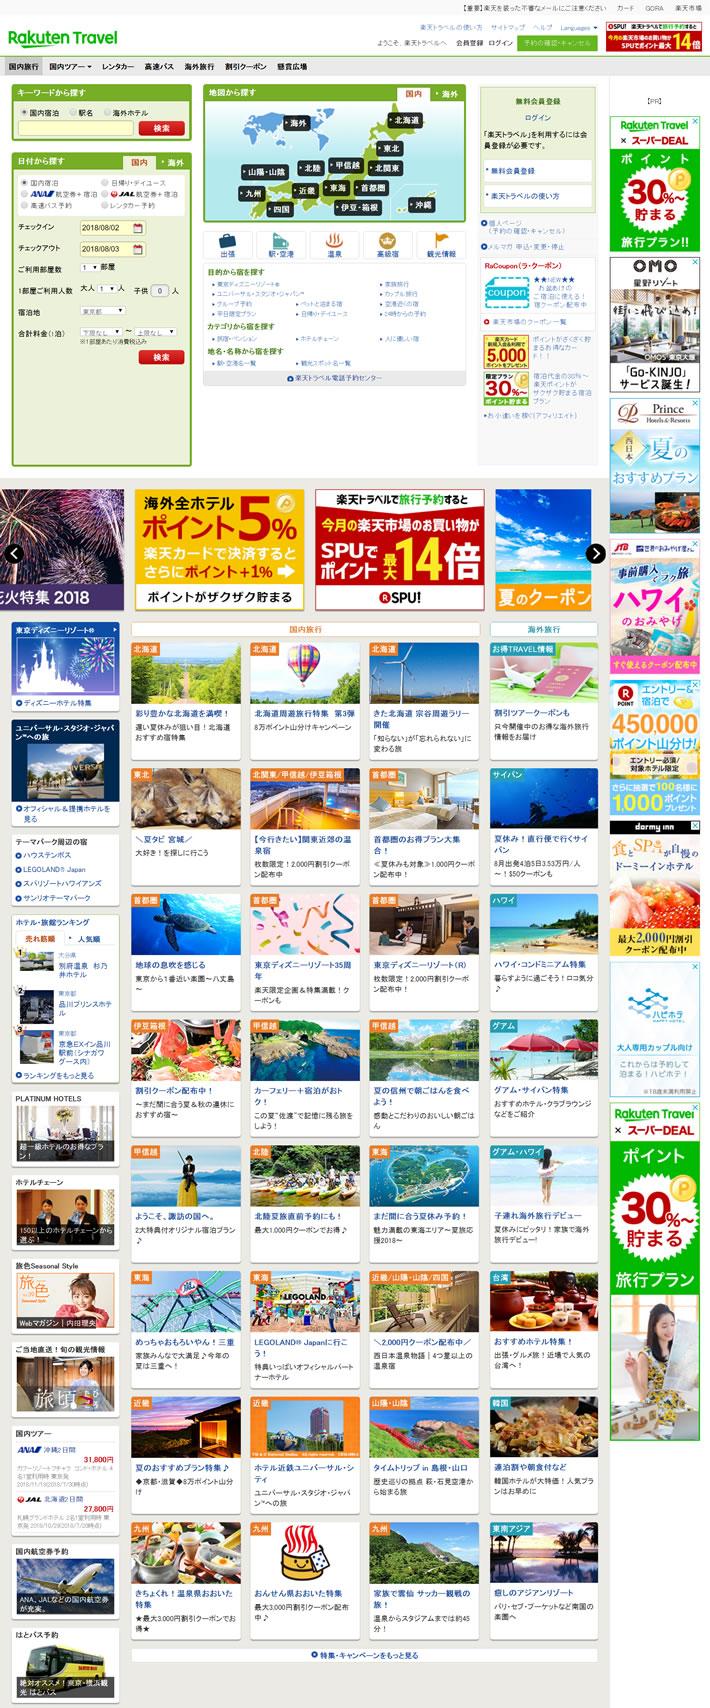 日本最大的旅游网站:Rakuten Travel(乐天旅游)